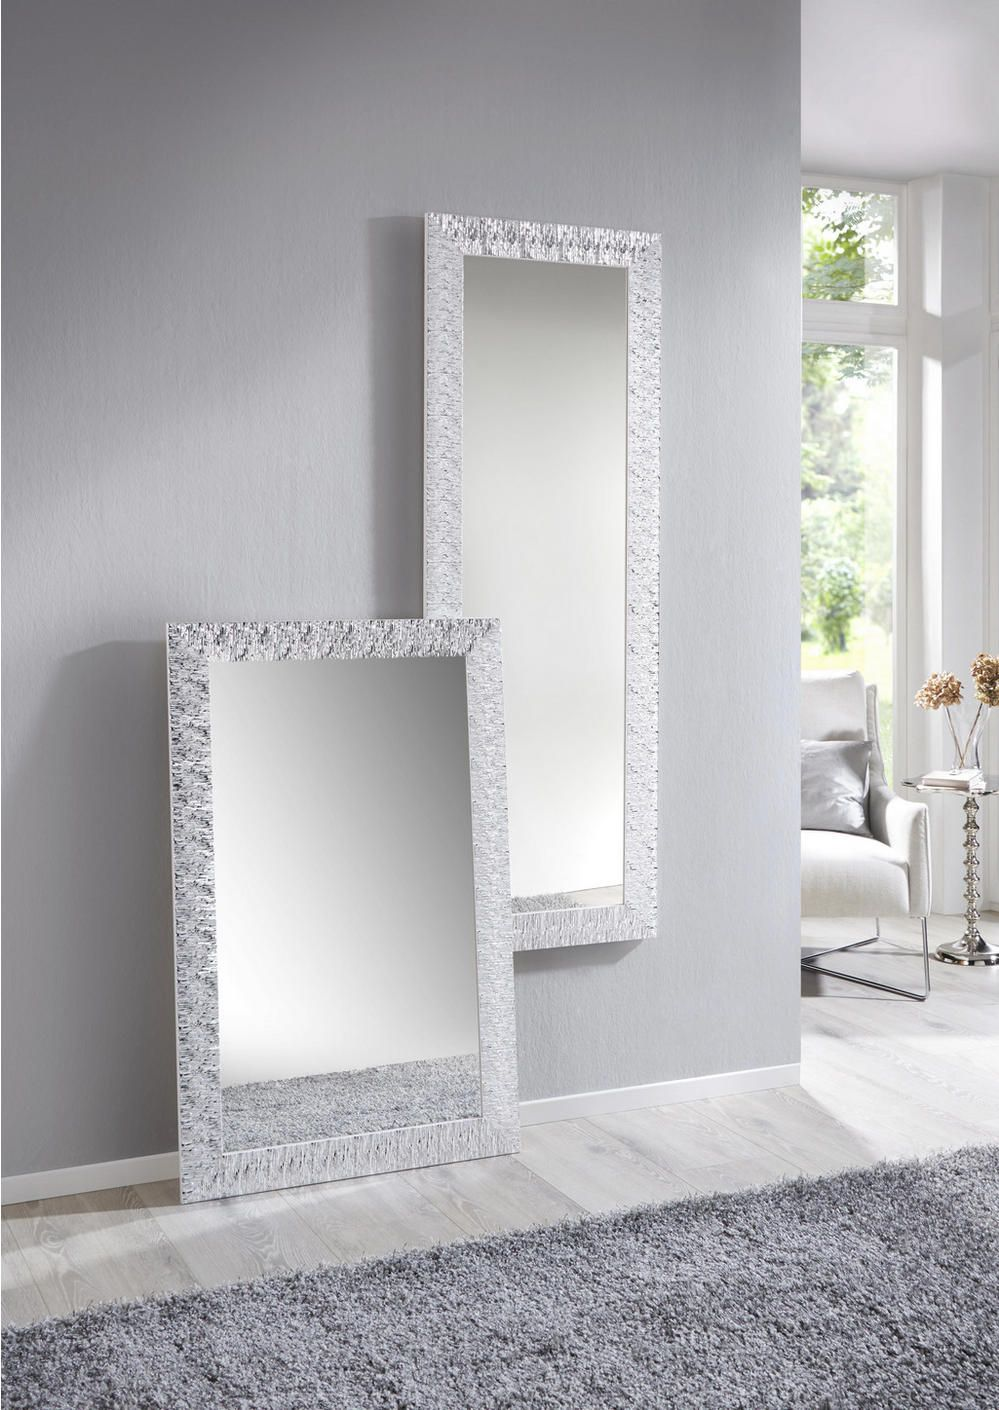 Grosse Spiegel Mit Rahmen Handgemachte Spiegel Spiegel Spiegel